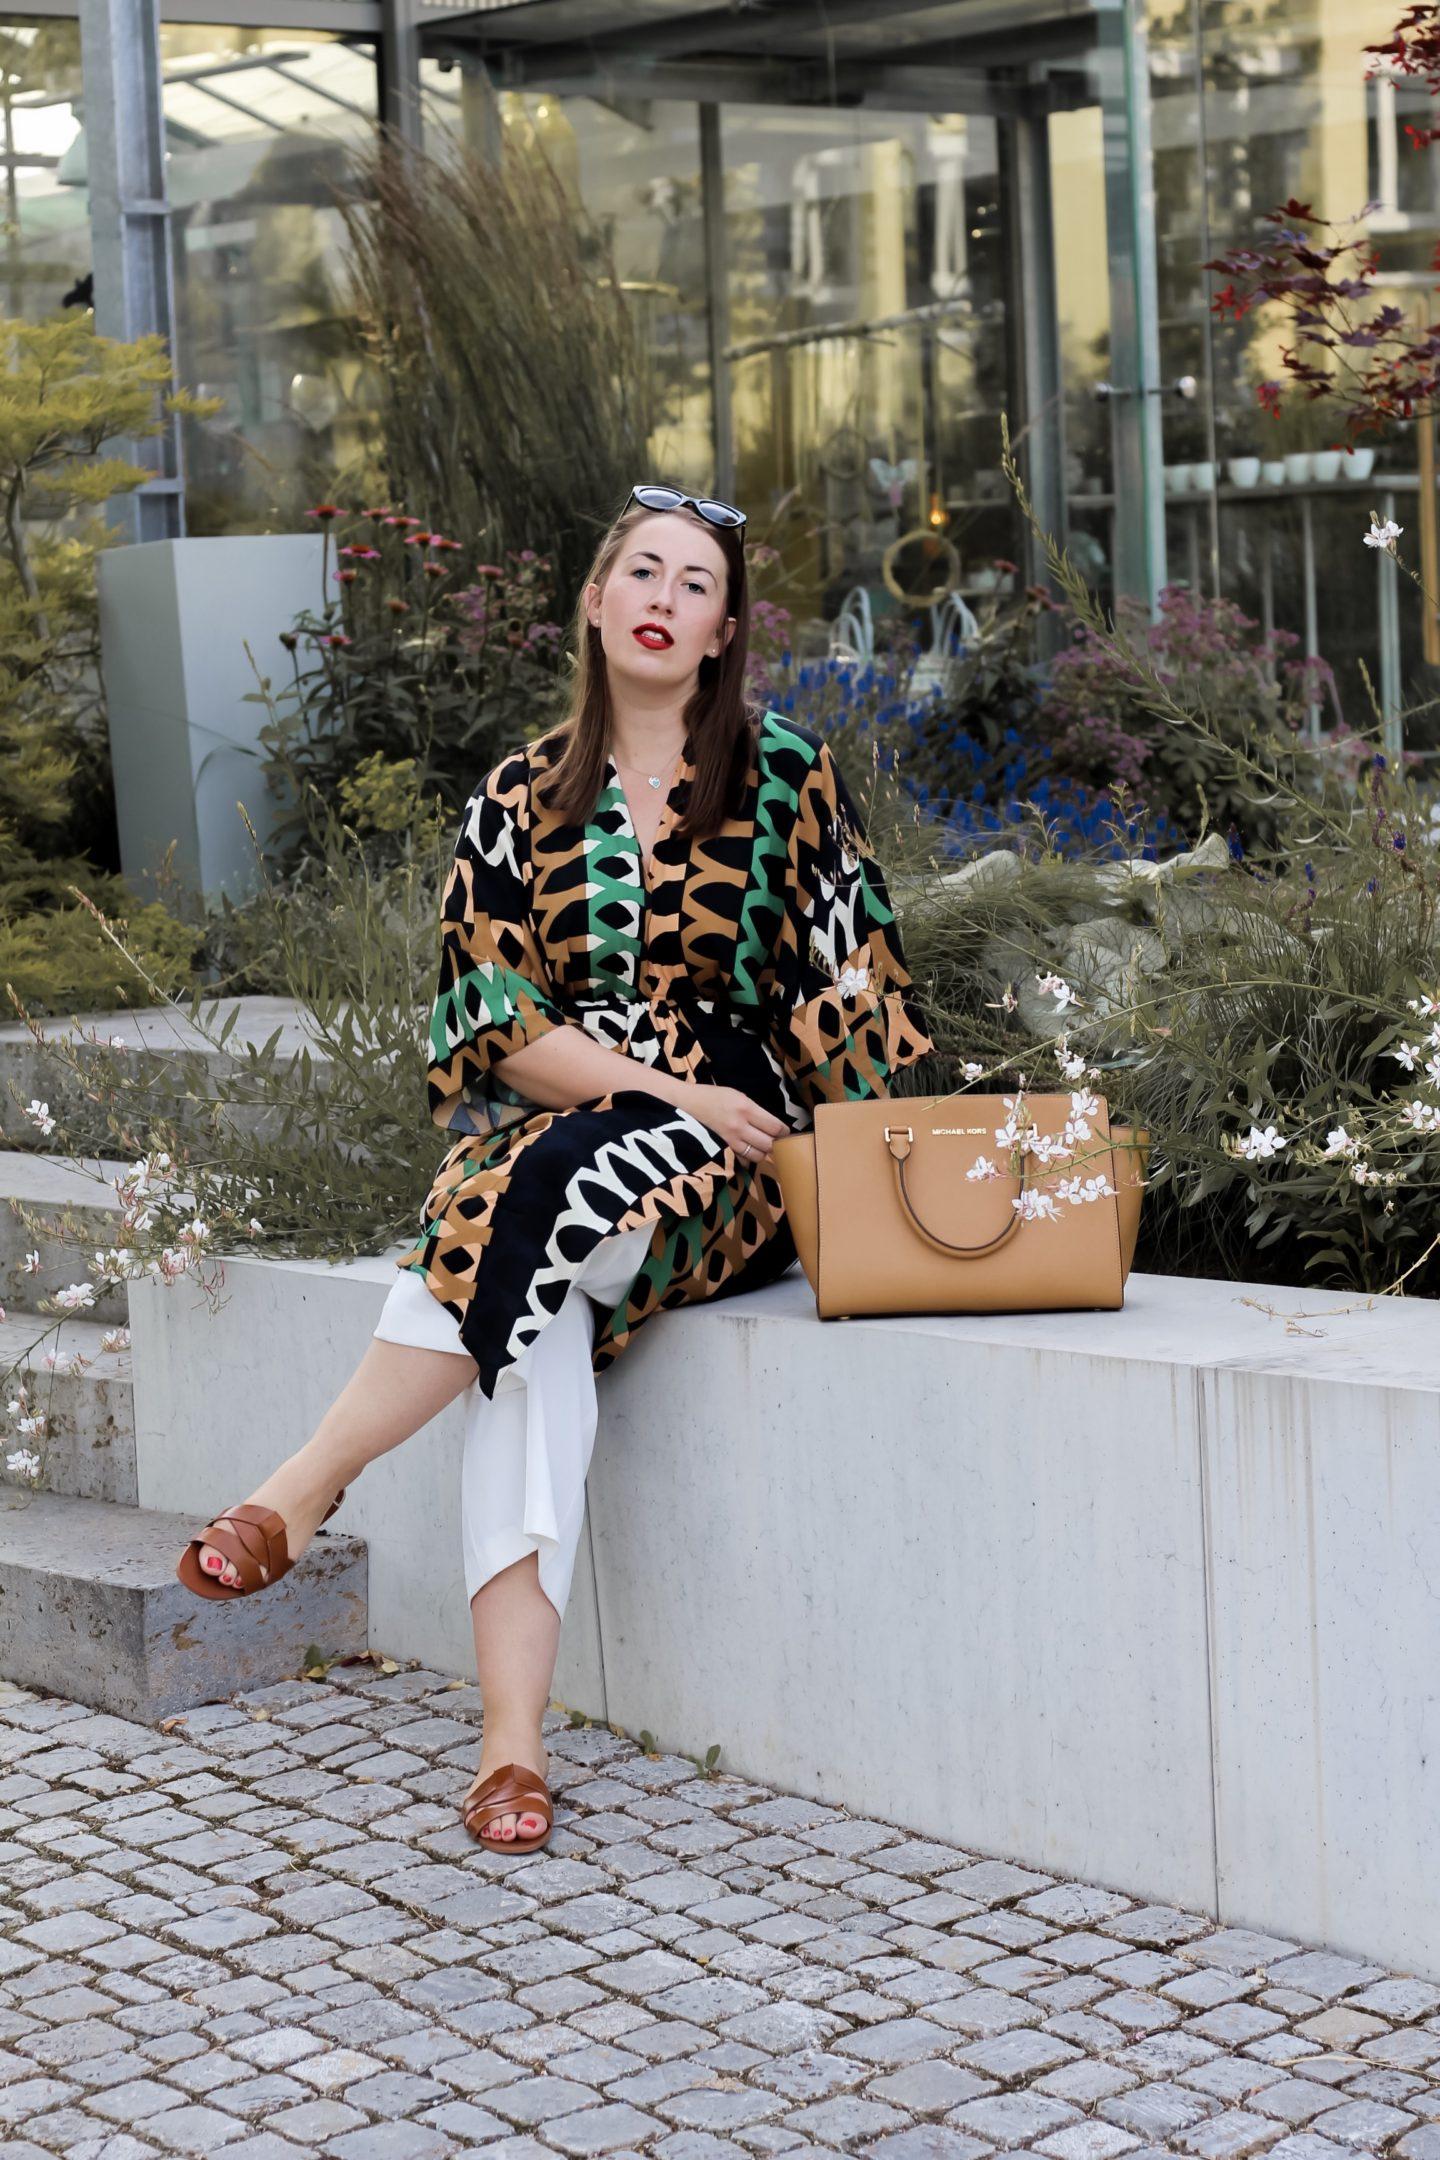 Retro-Vibes-70er-Jahre-Kleid-Muster-kombinieren-Miss-Suzie-Loves-Susanne-Heidebach-weiße-Culotte-Modeblog-Curvy-psychedelisch-graphisch-Mustermix-Michael-Kors-Selma